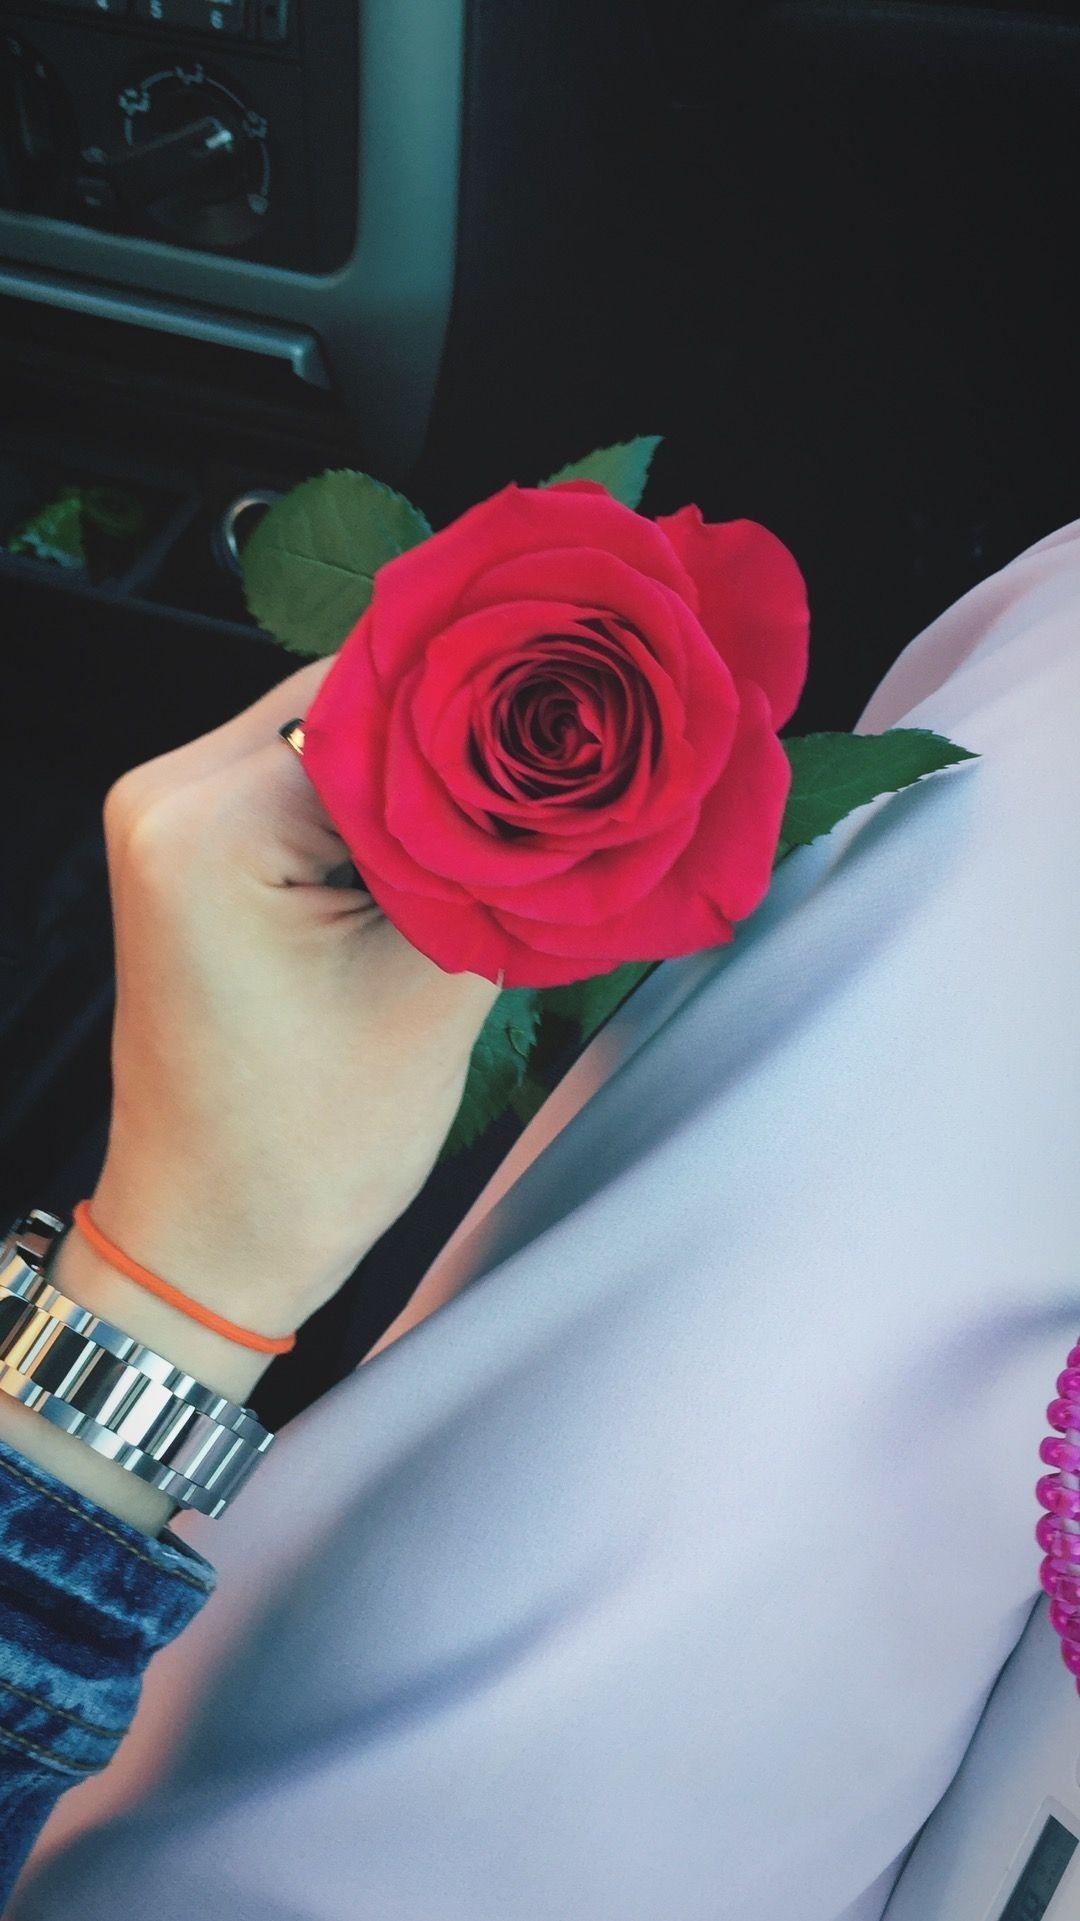 Flower Rose Marcos para fotos de boda, Imagen rosa